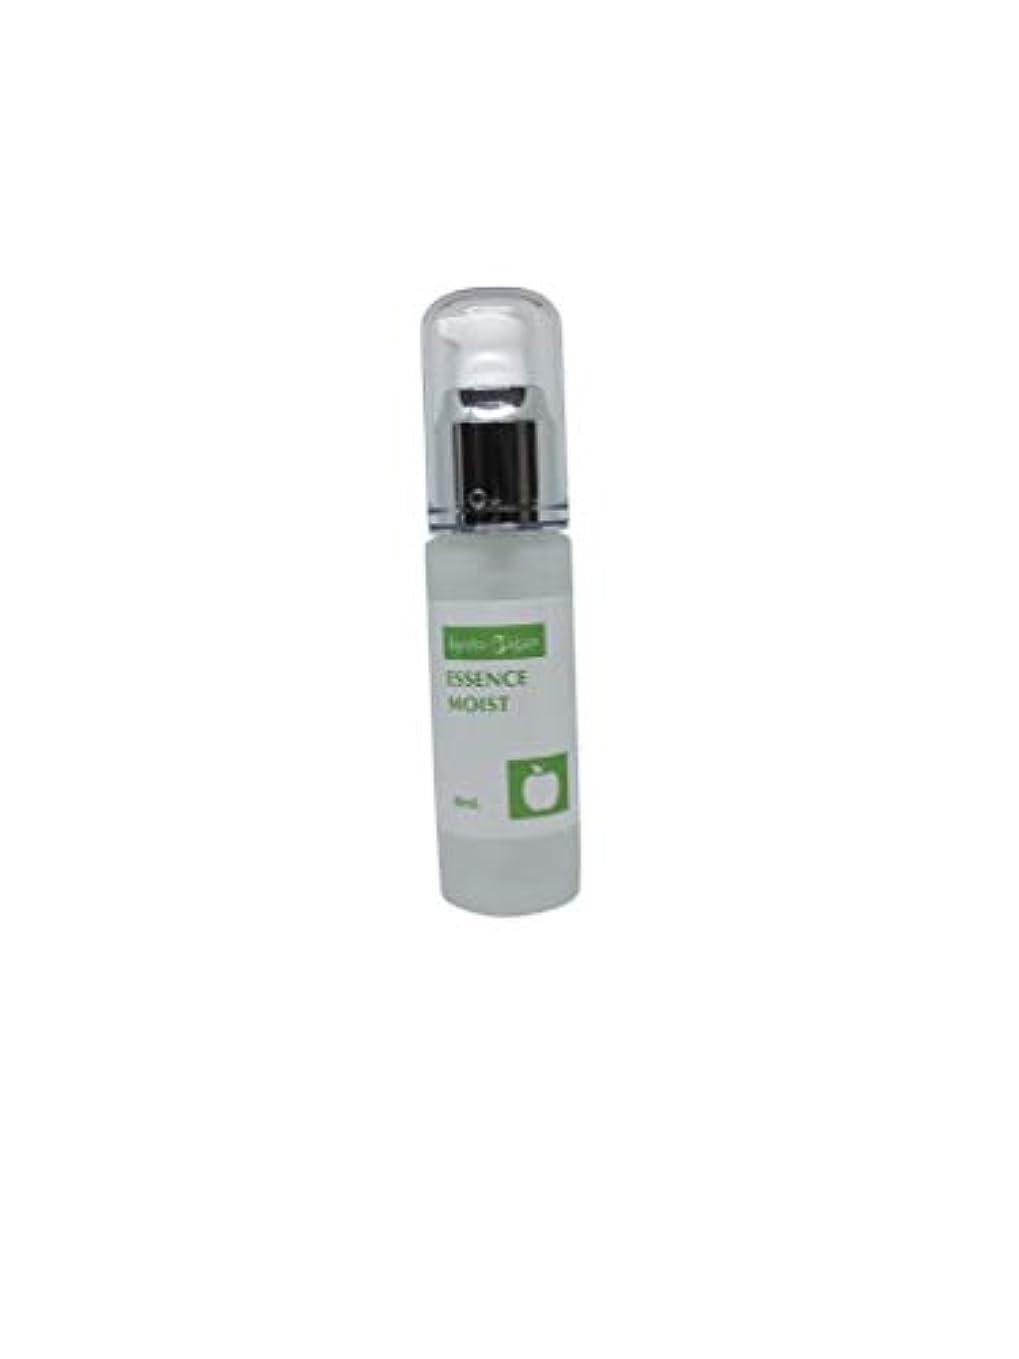 かみそり気を散らす分析エッセンスモイスト【高保湿美容液,敏感肌乾燥肌対応,リンゴ幹細胞エキス+ナールスゲン+3種のヒアルロン酸配合】30ml